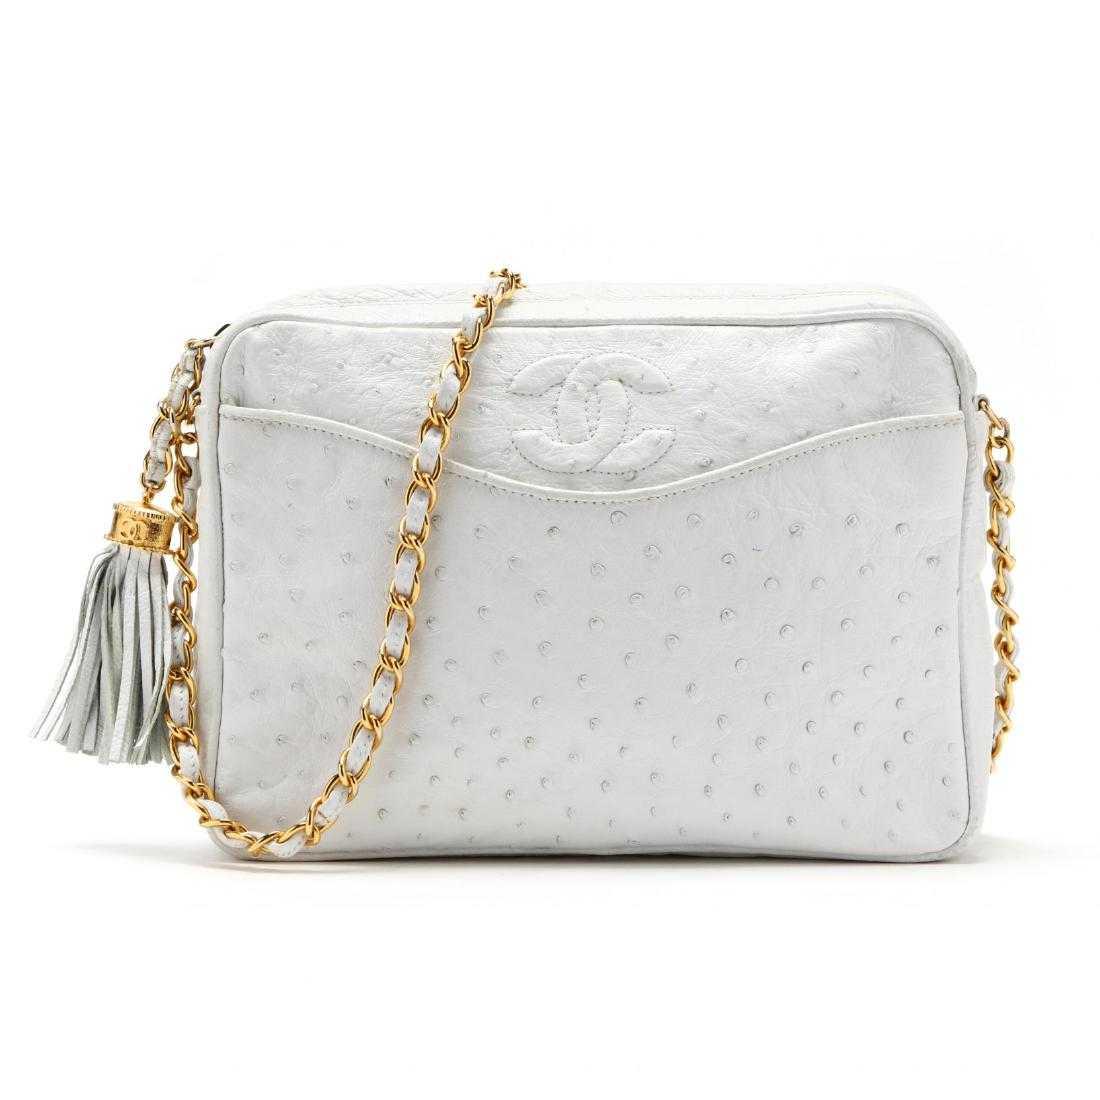 ad71b3f735edf0 Ostrich Leather Camera Tassel Bag, Chanel